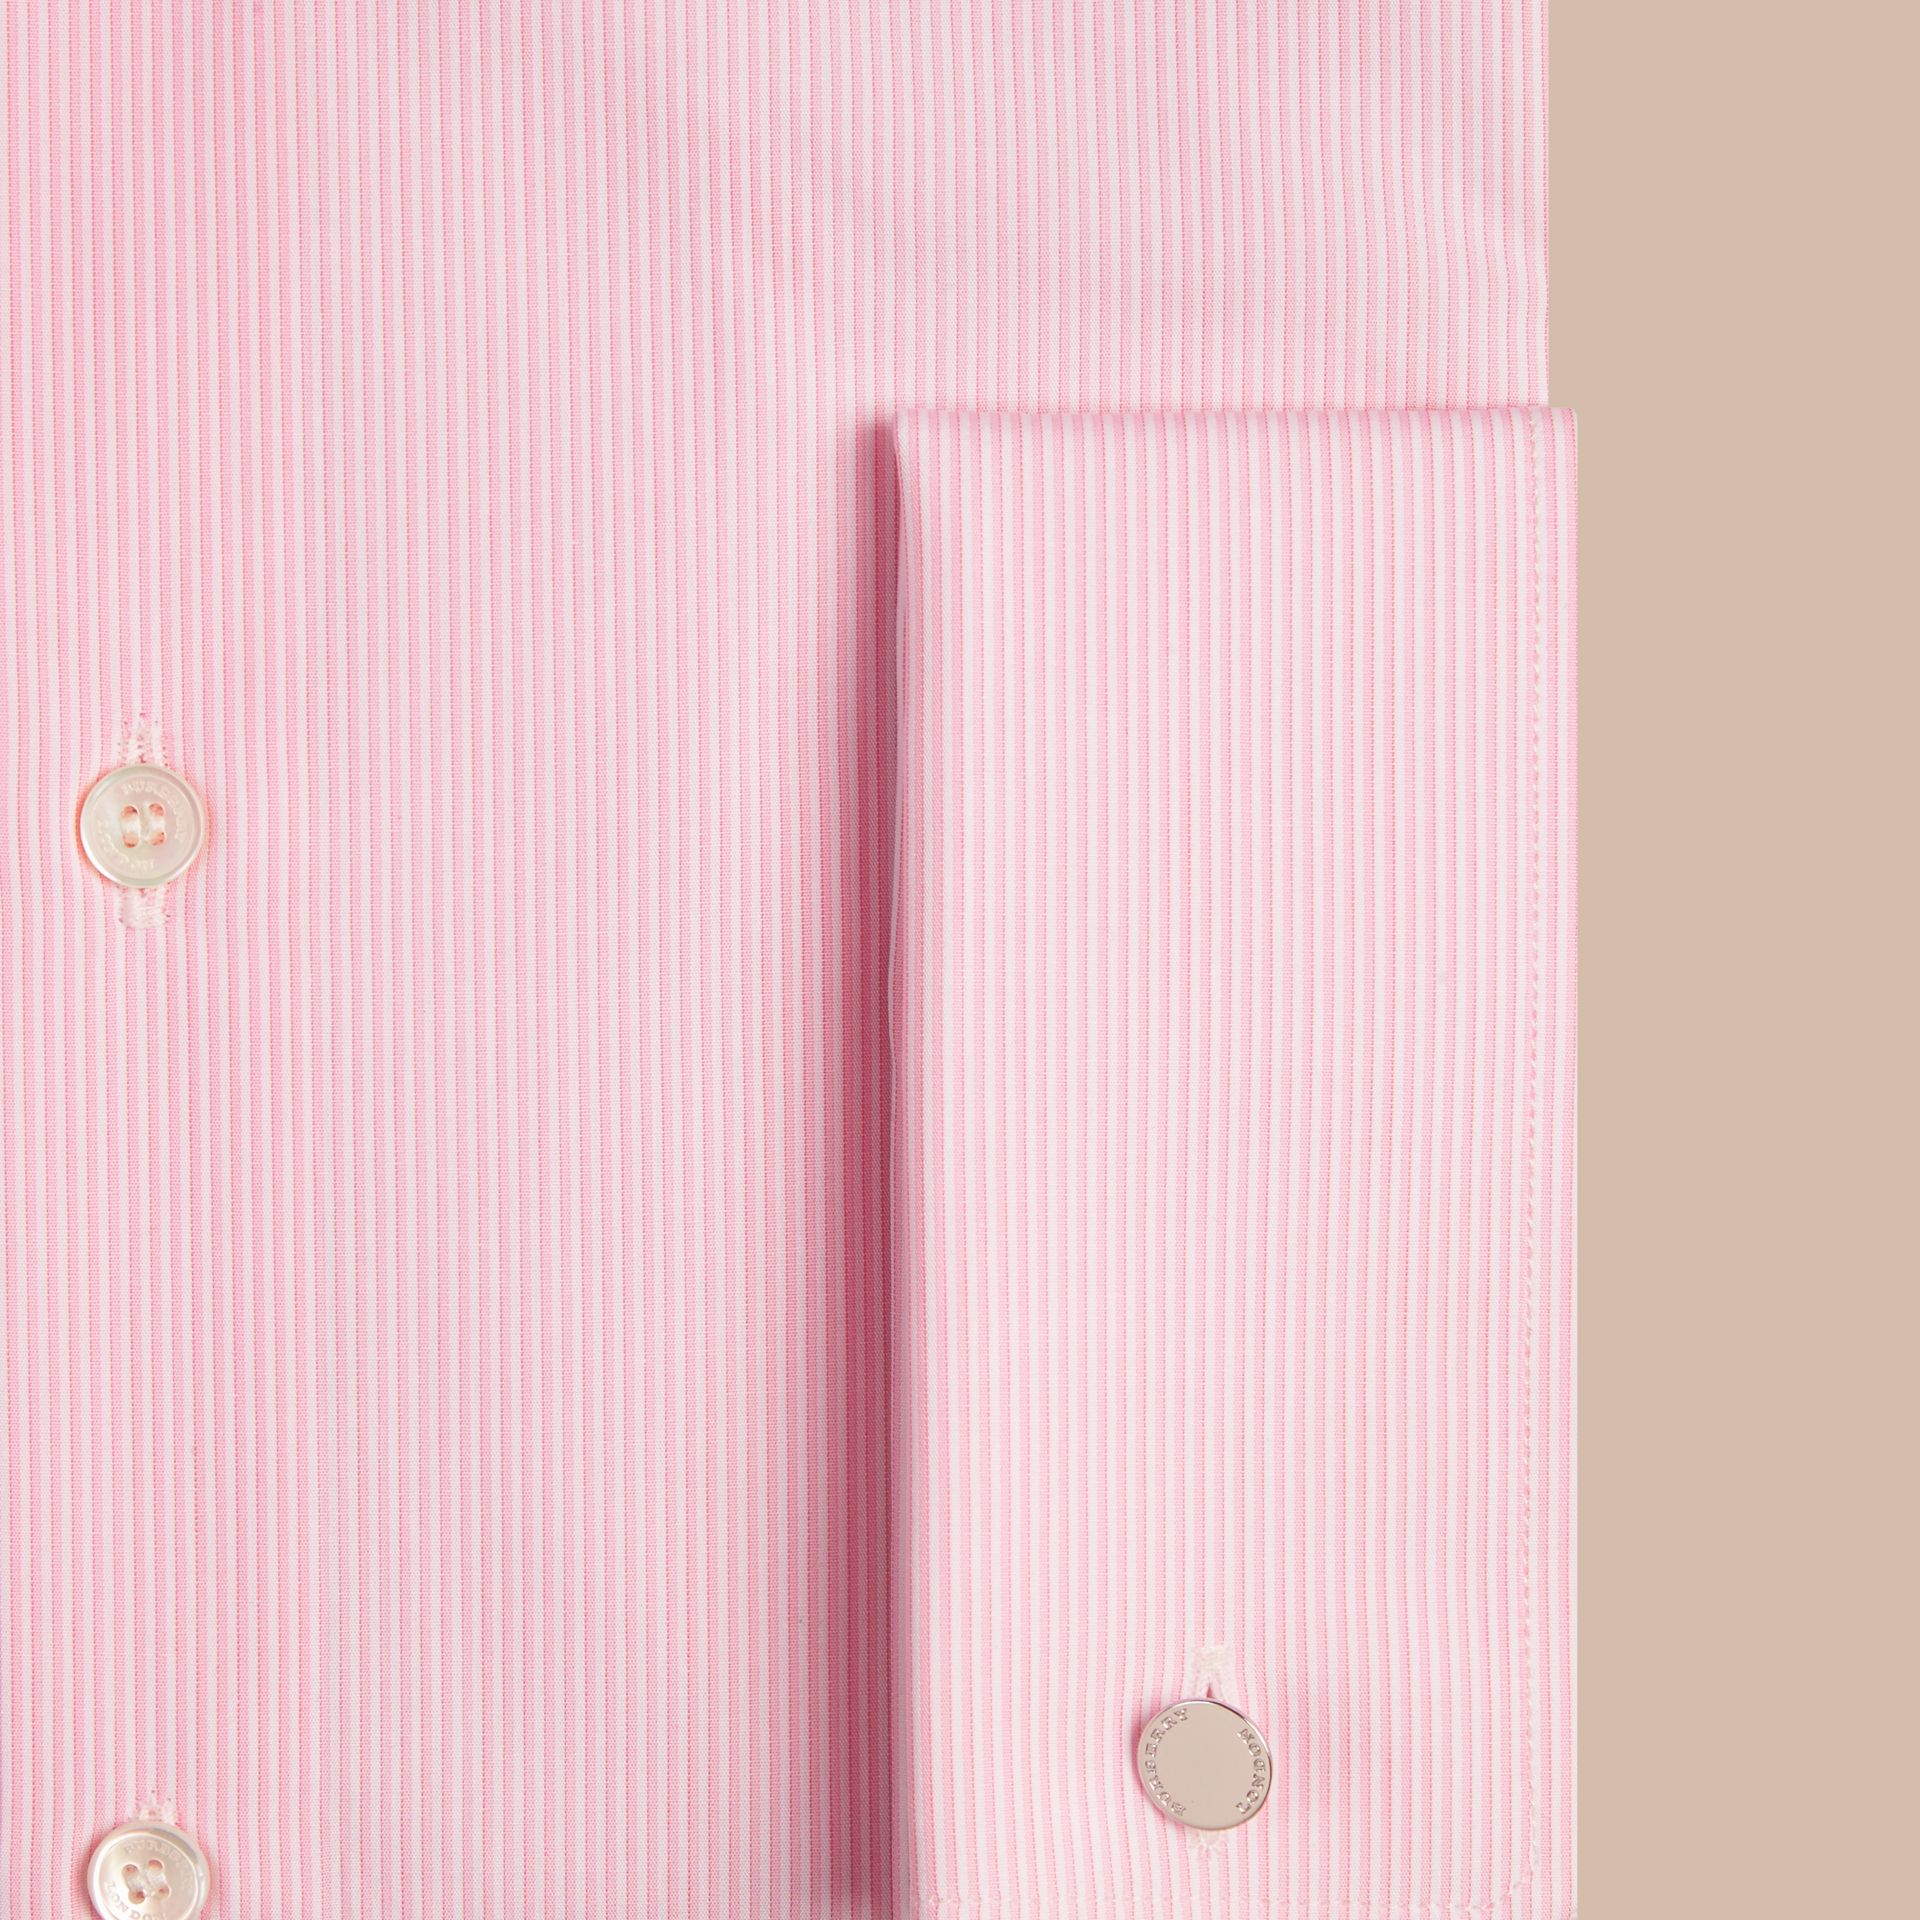 Рубашка в полоску с двойными манжетами Городской Розовый - изображение 2